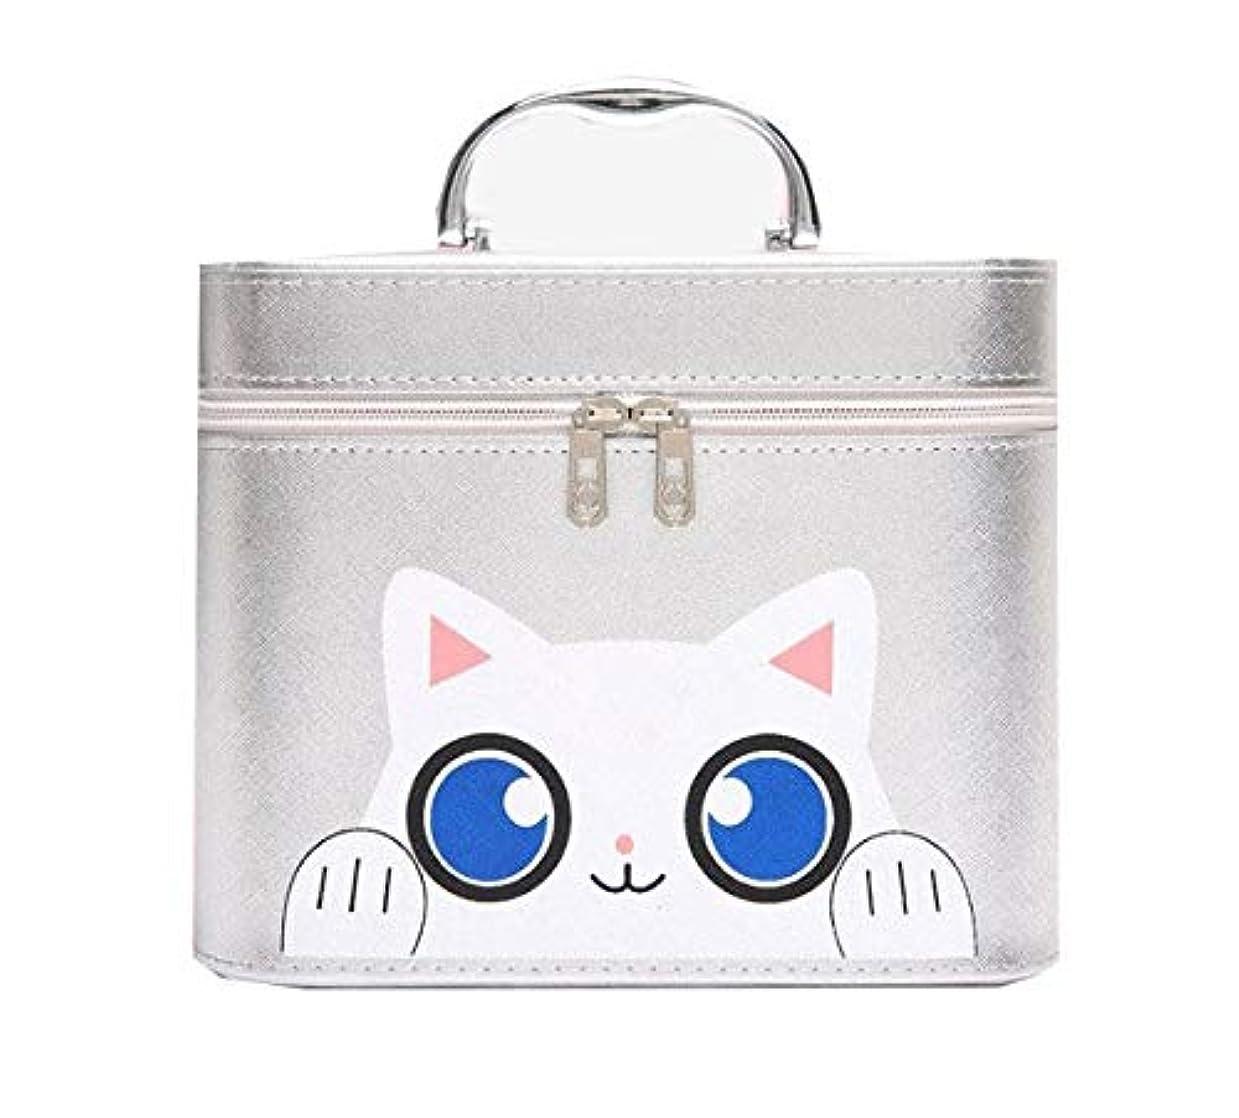 郵便局月曜日対応化粧箱、シルバー漫画猫化粧品ケース、ポータブル旅行化粧品ケース、美容ネイルジュエリー収納ボックス (Size : L)